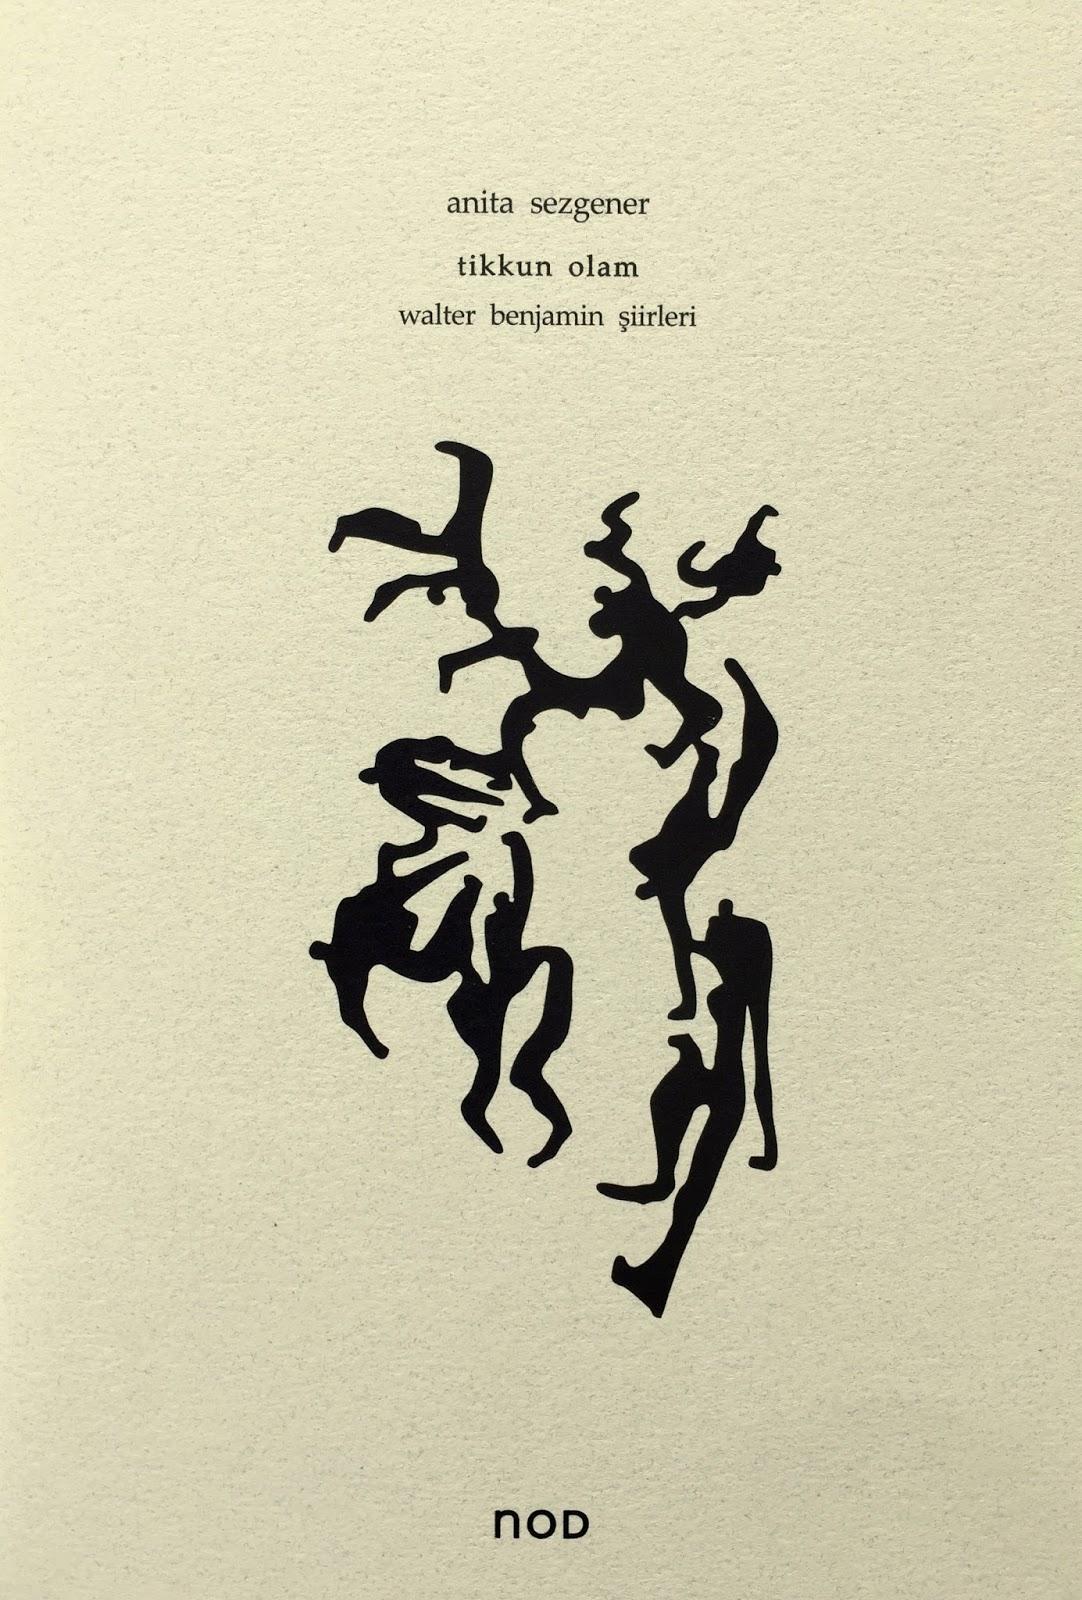 Tikkun Olam Walter Benjamin Şiirleri, Anita Sezgener, Nod Yayınları